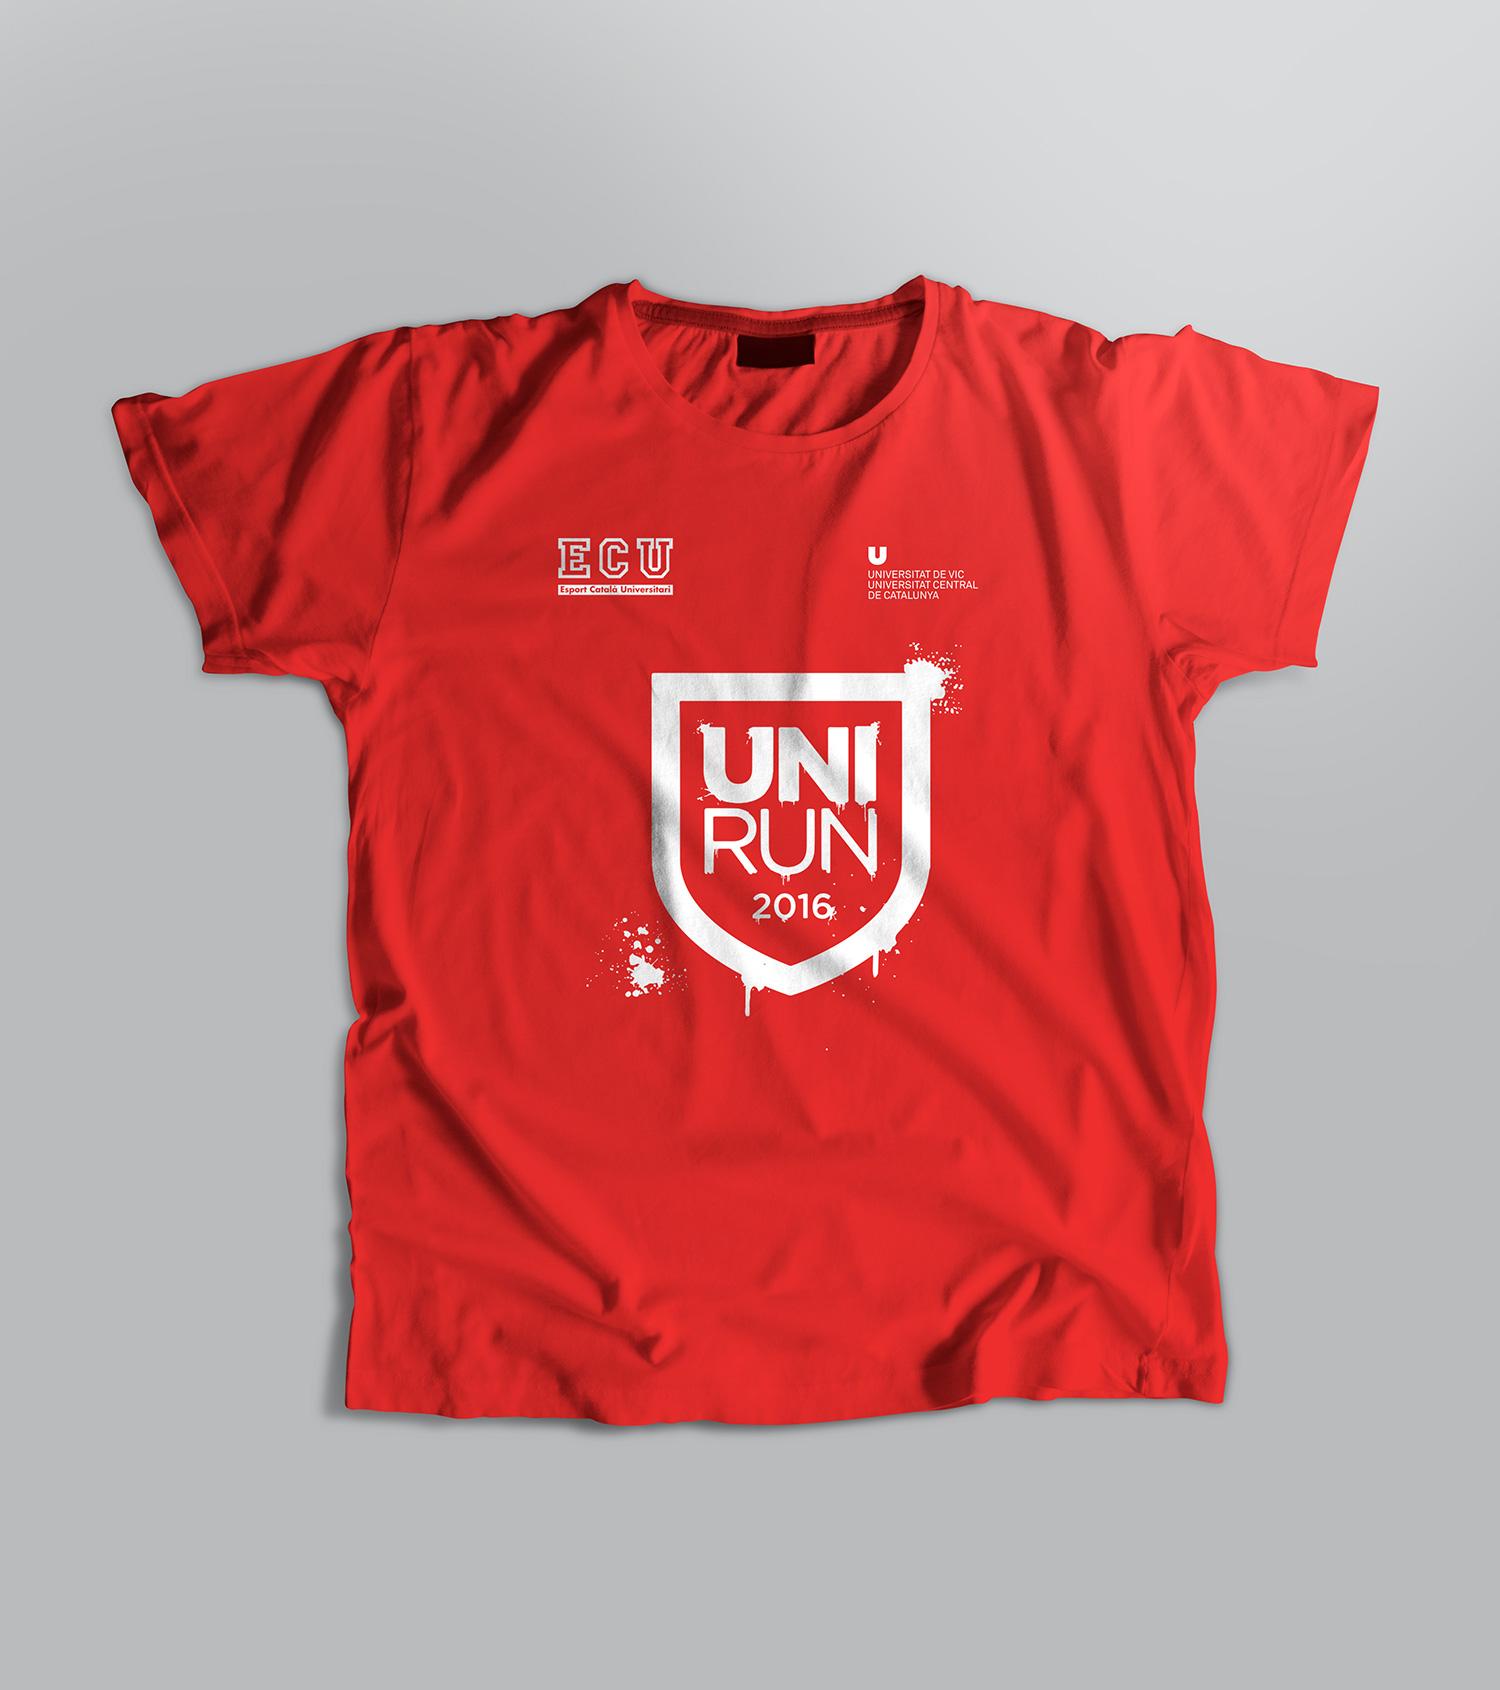 camisetas-unirun-2016-12